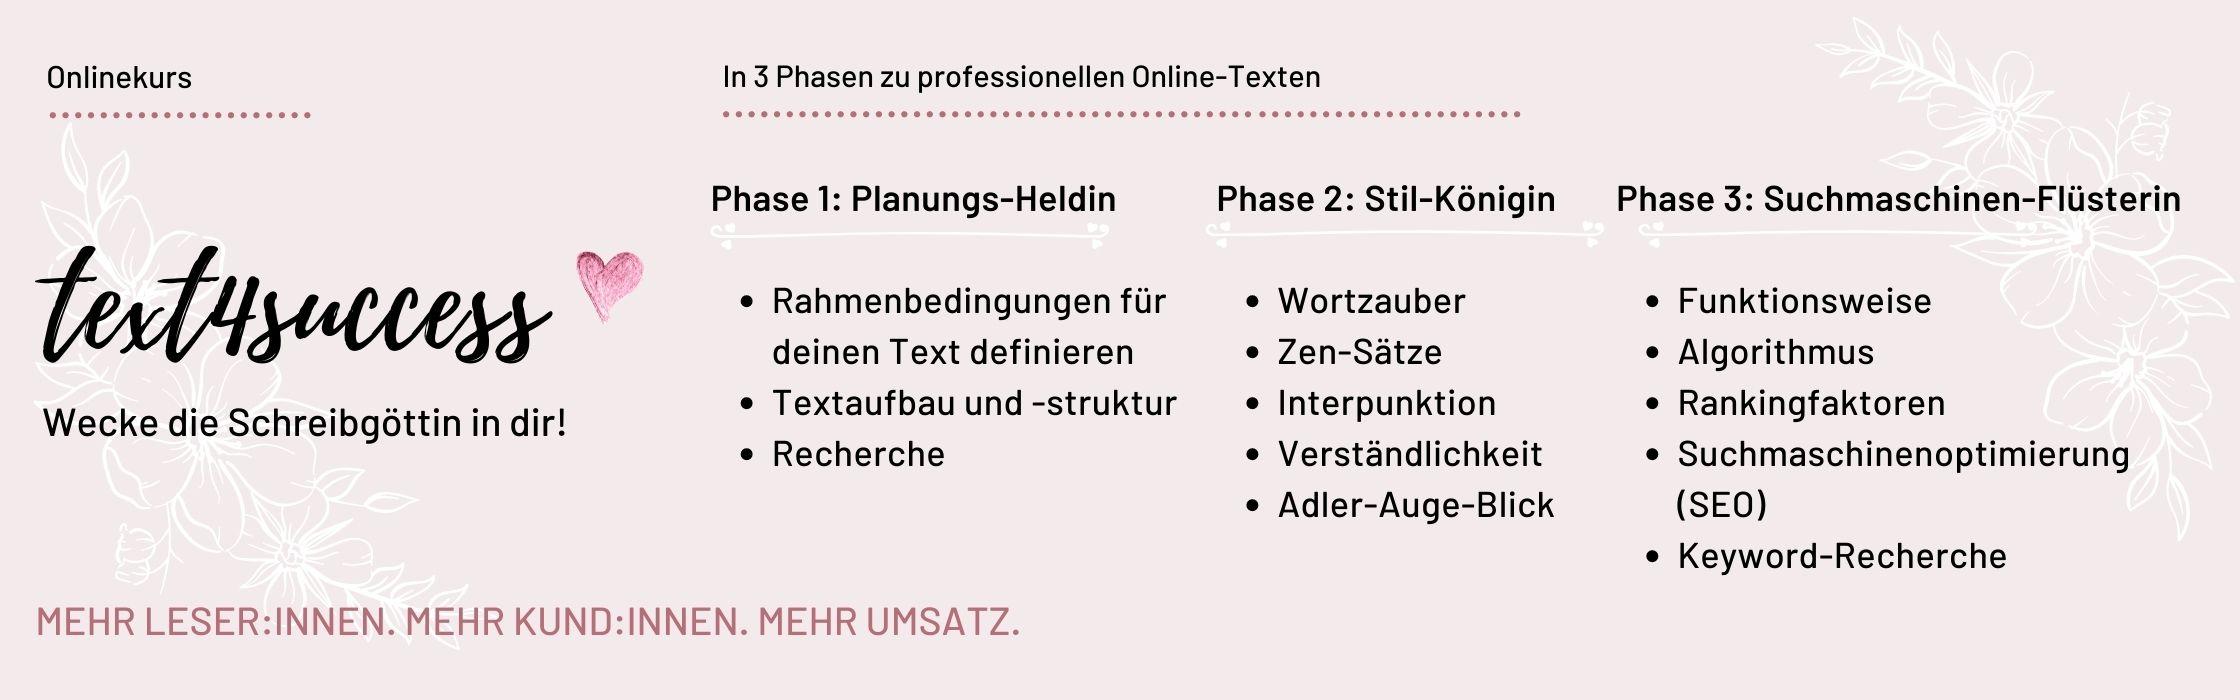 text4success onlinekurs banner